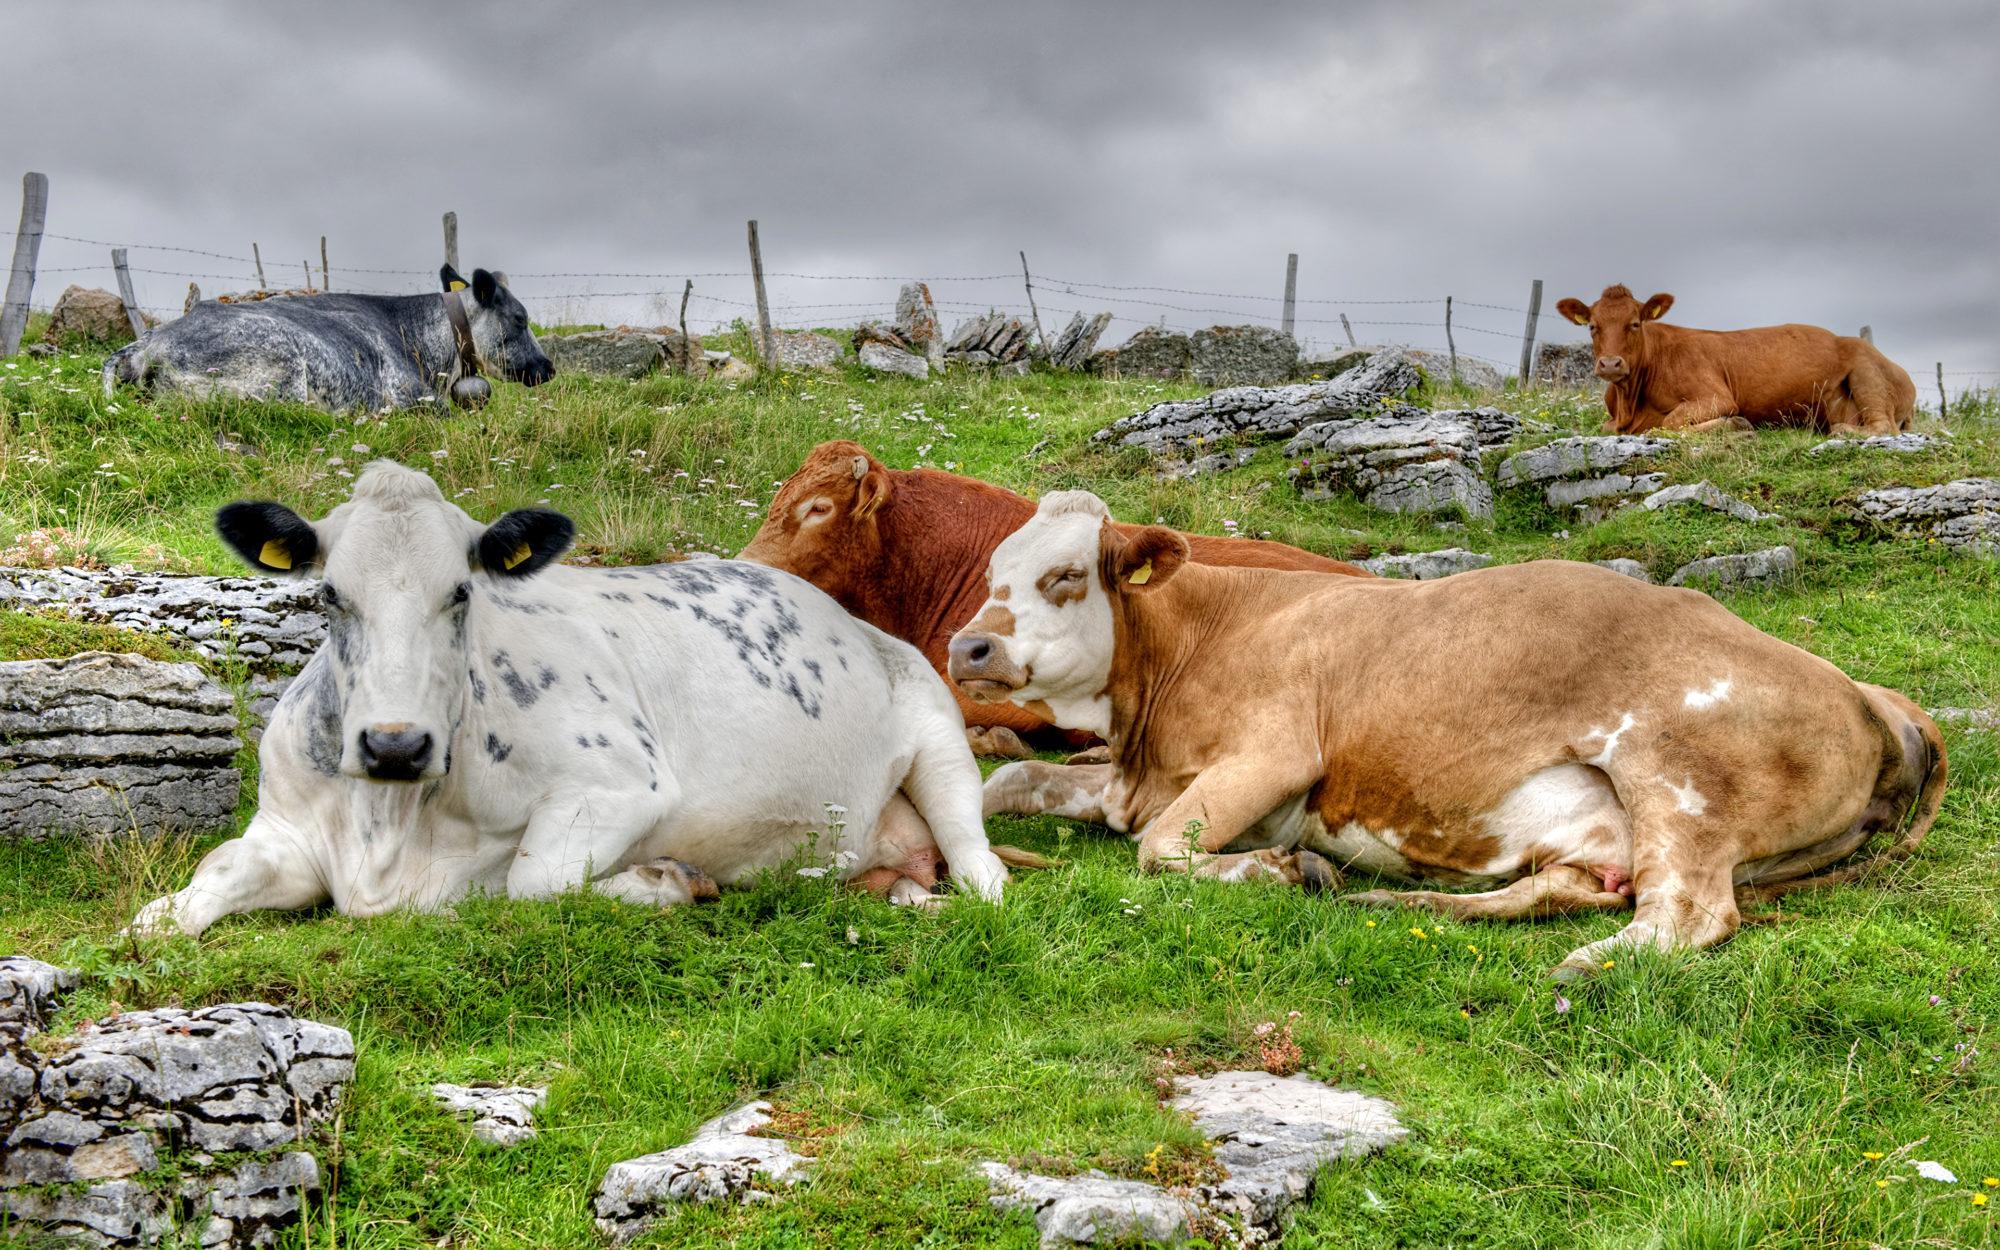 За 2°С до масового голоду: через зміну клімату першим постраждає сільське господарство - клімат, глобальні зміни клімату - 21 klymat 2000x1250